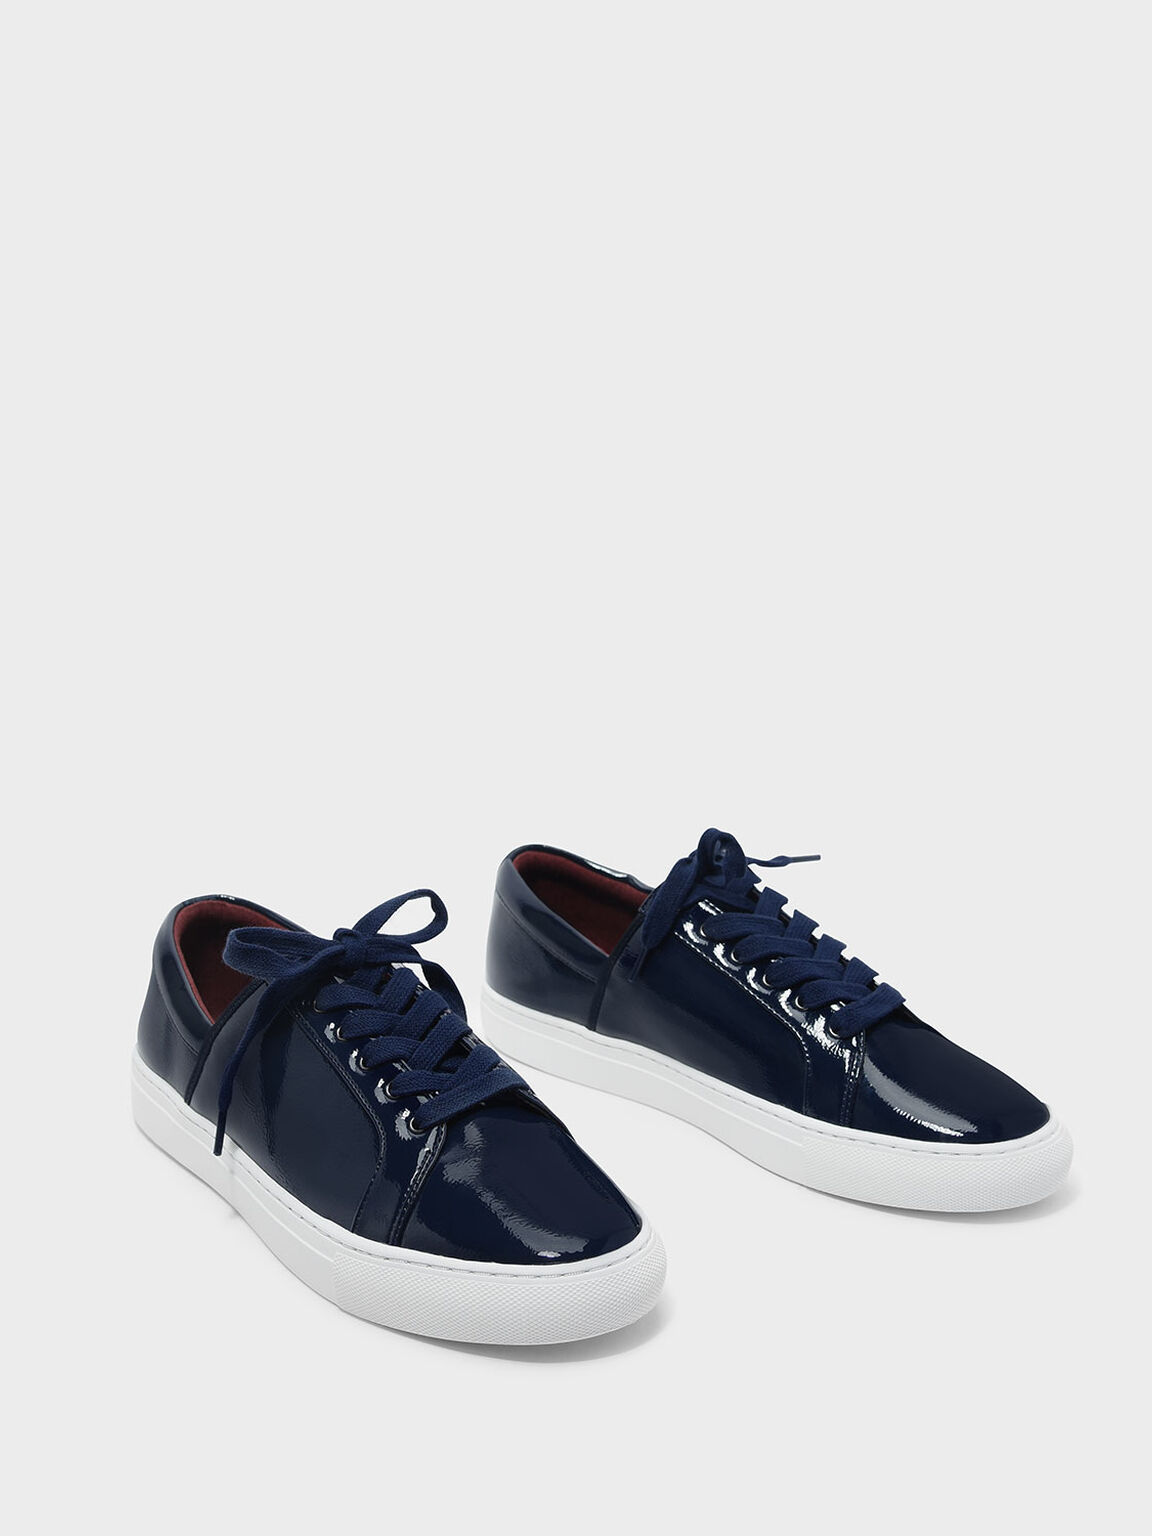 Classic Sneakers, Dark Blue, hi-res